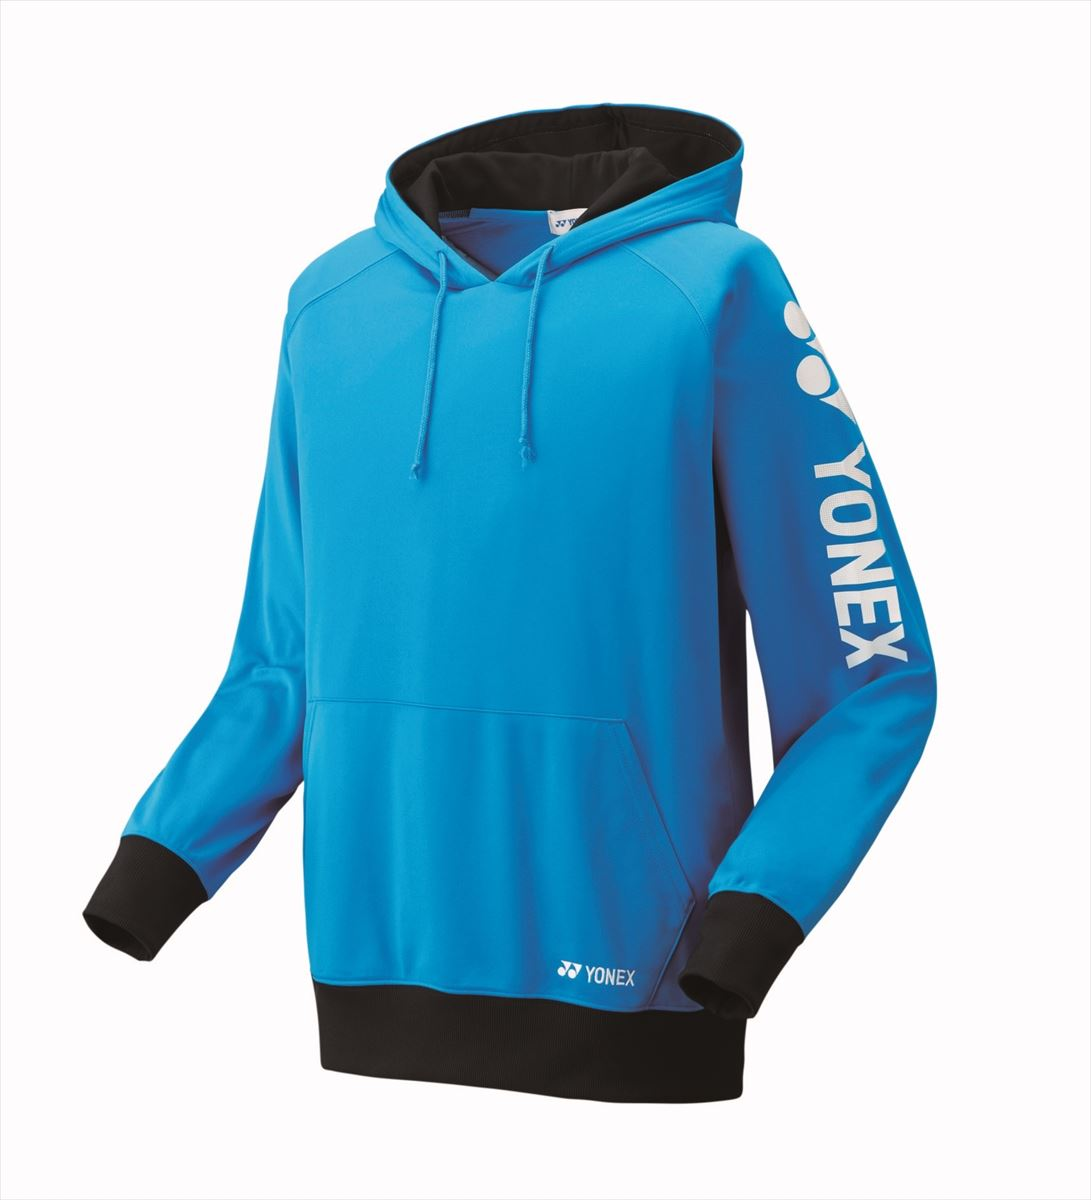 【特価商品】ヨネックス YONEX バドミントン テニス ソフトテニス ウェア ユニスウェットパーカー パーカー トレーナー 32012 ビビットブルー (474)